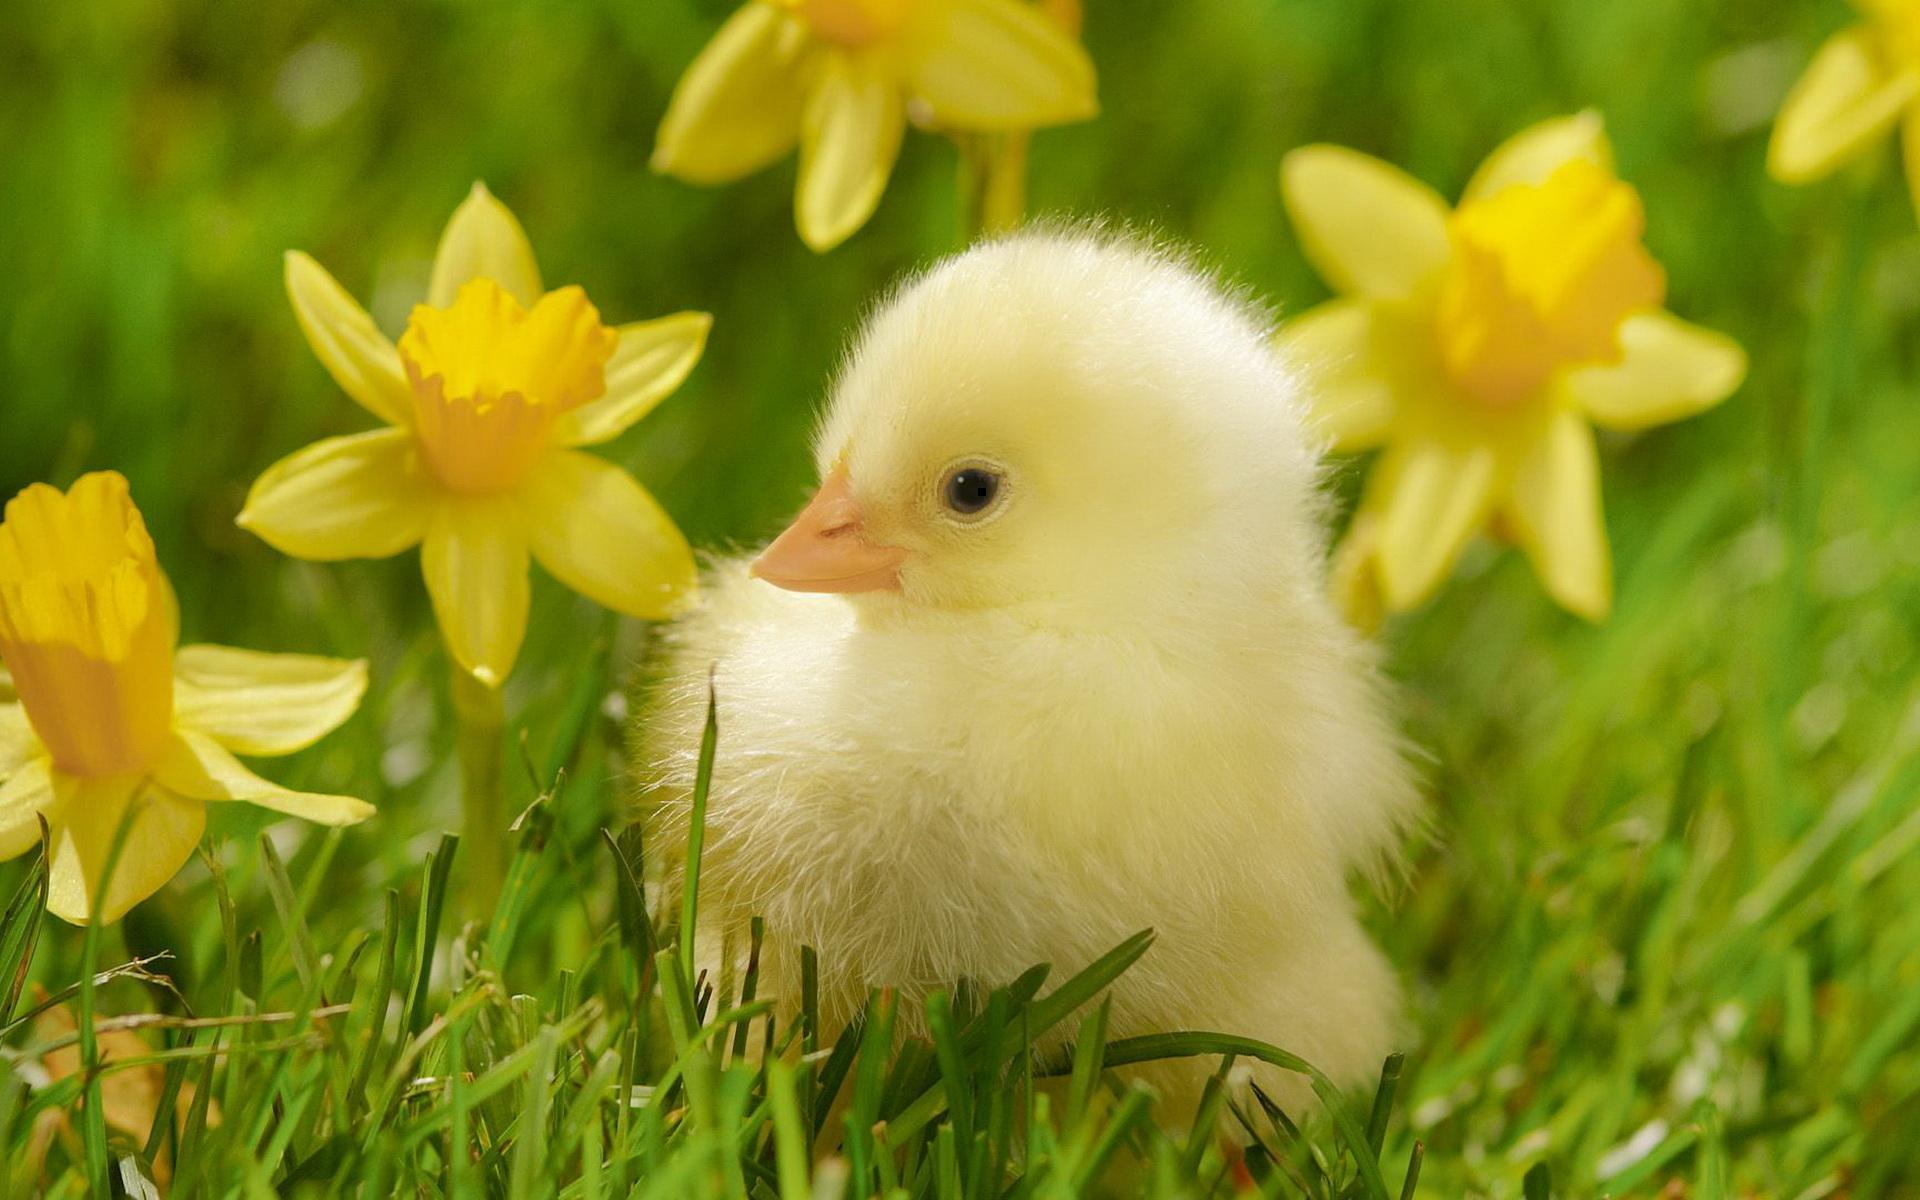 Views: 1077 Cute Duckling 4959